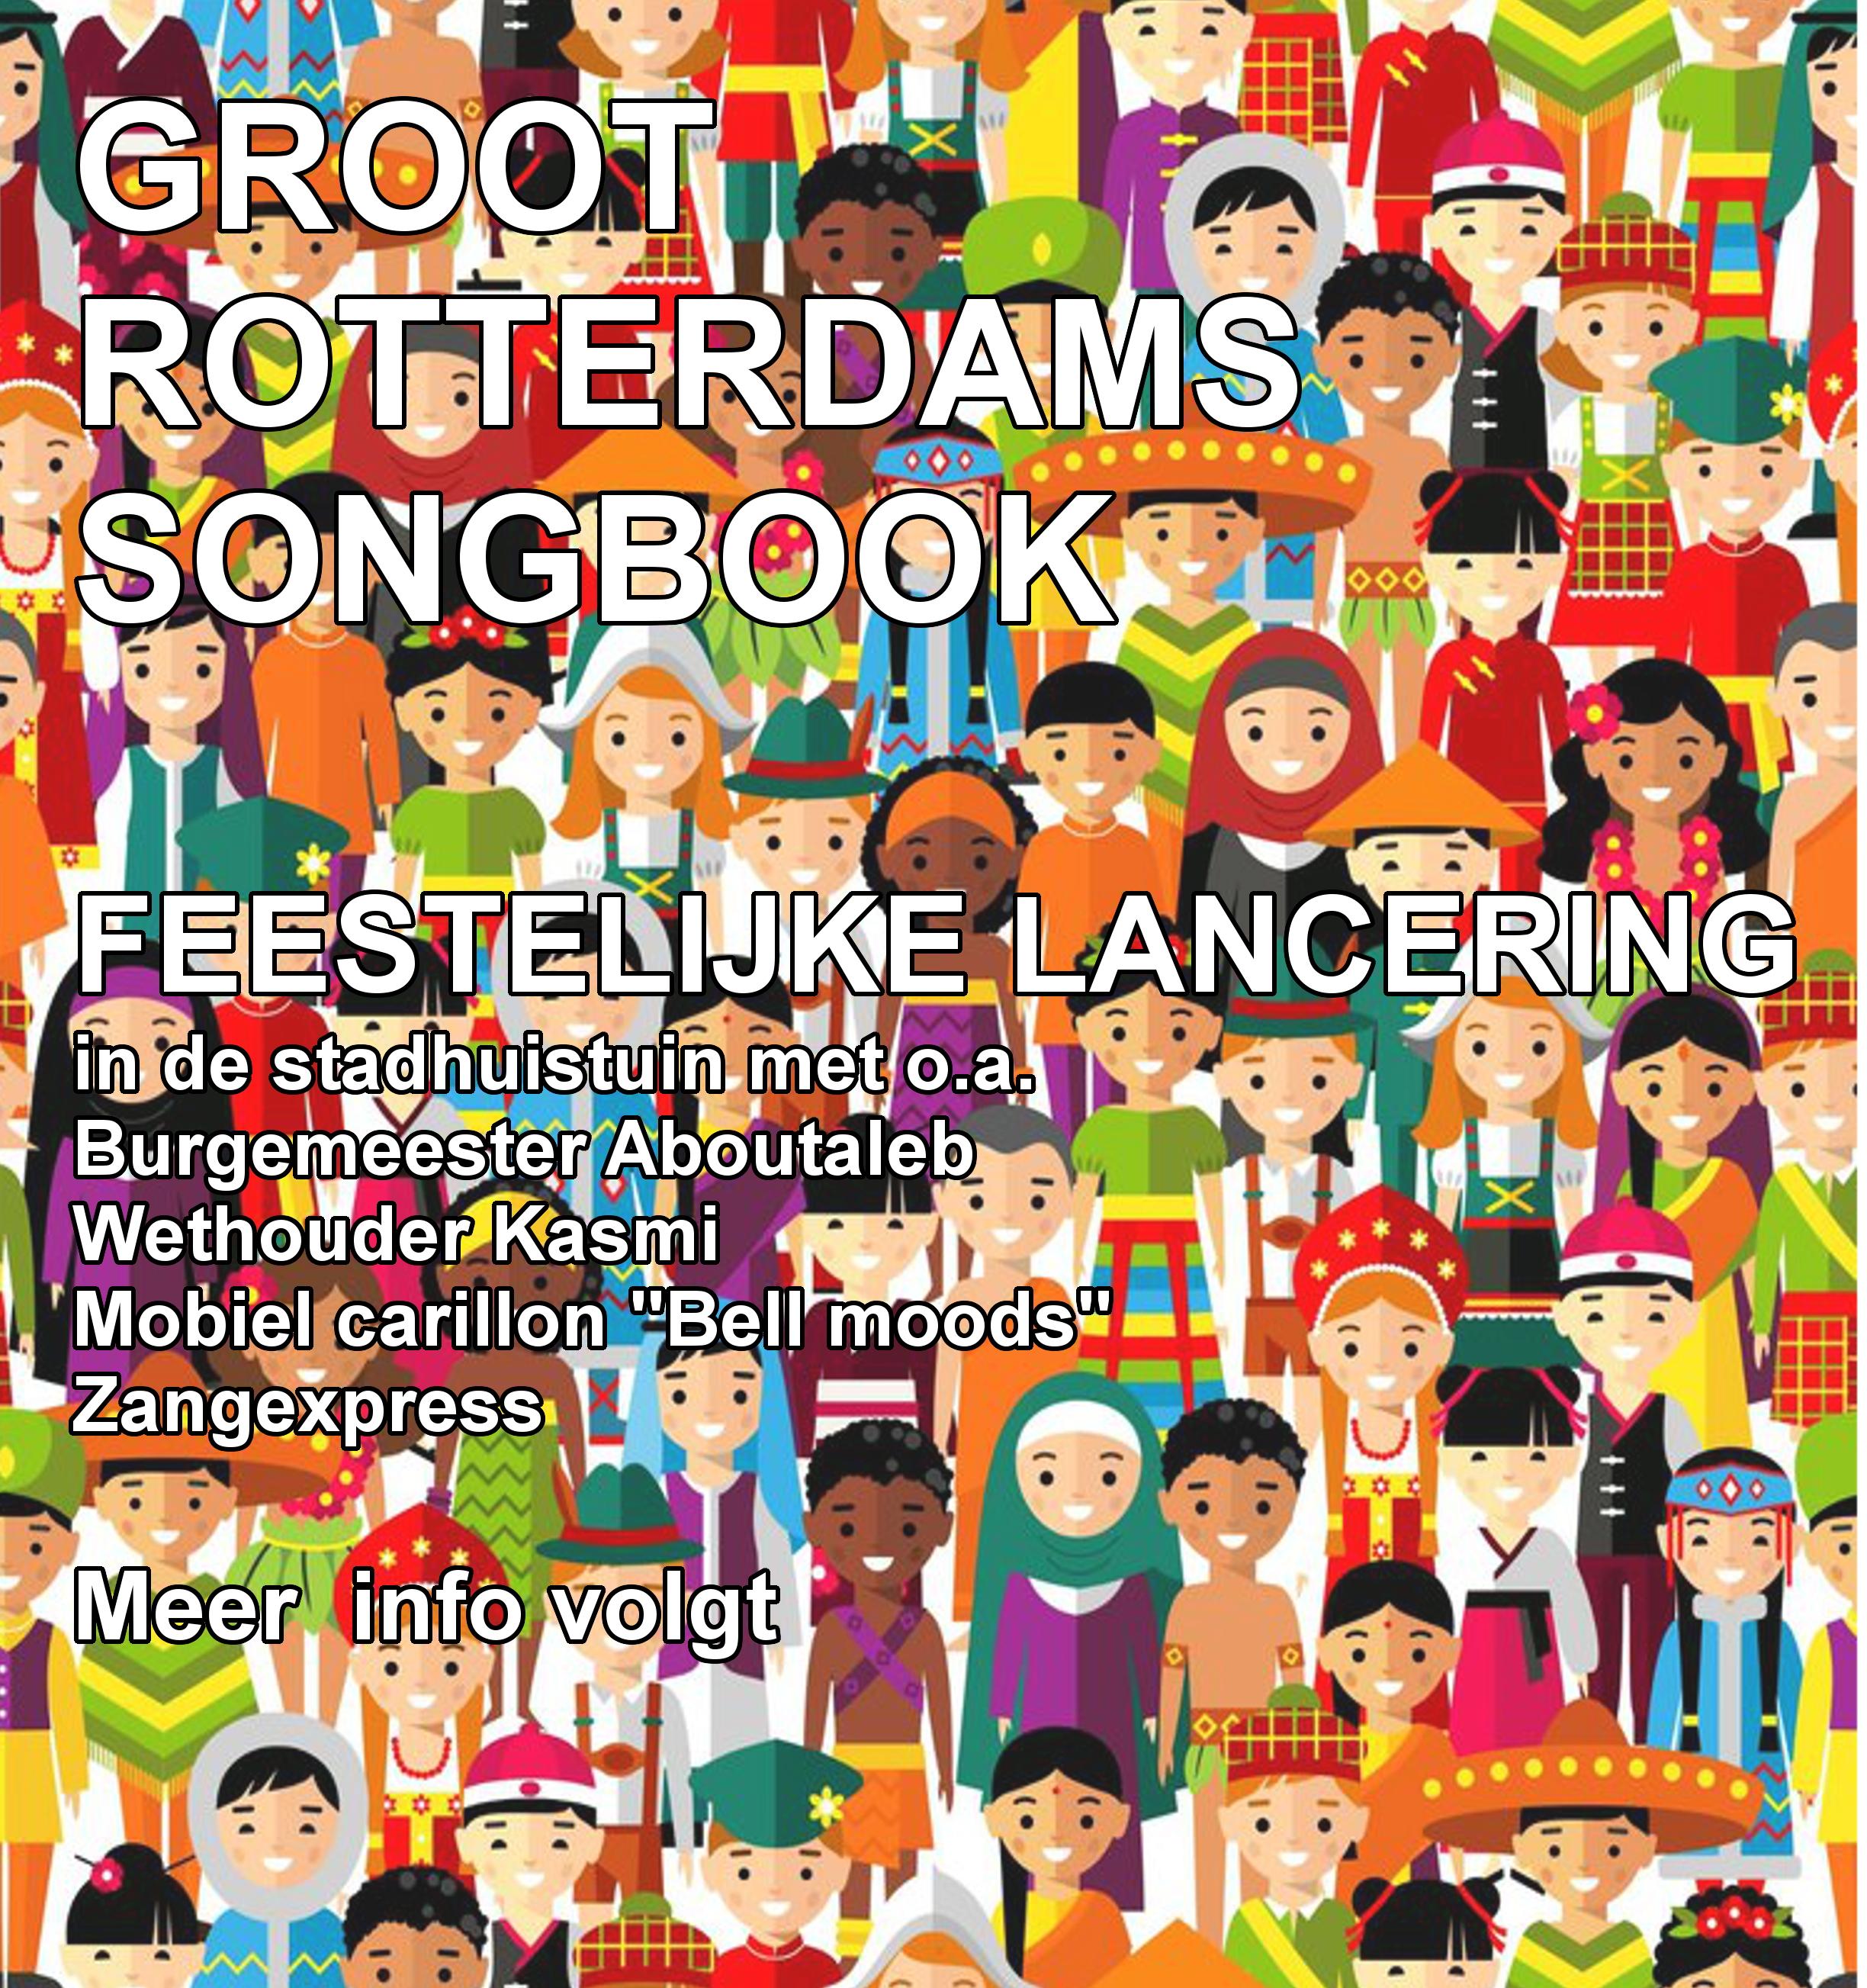 006 - Groot Rotterdams Songbook - wordt vervolgd.jpg